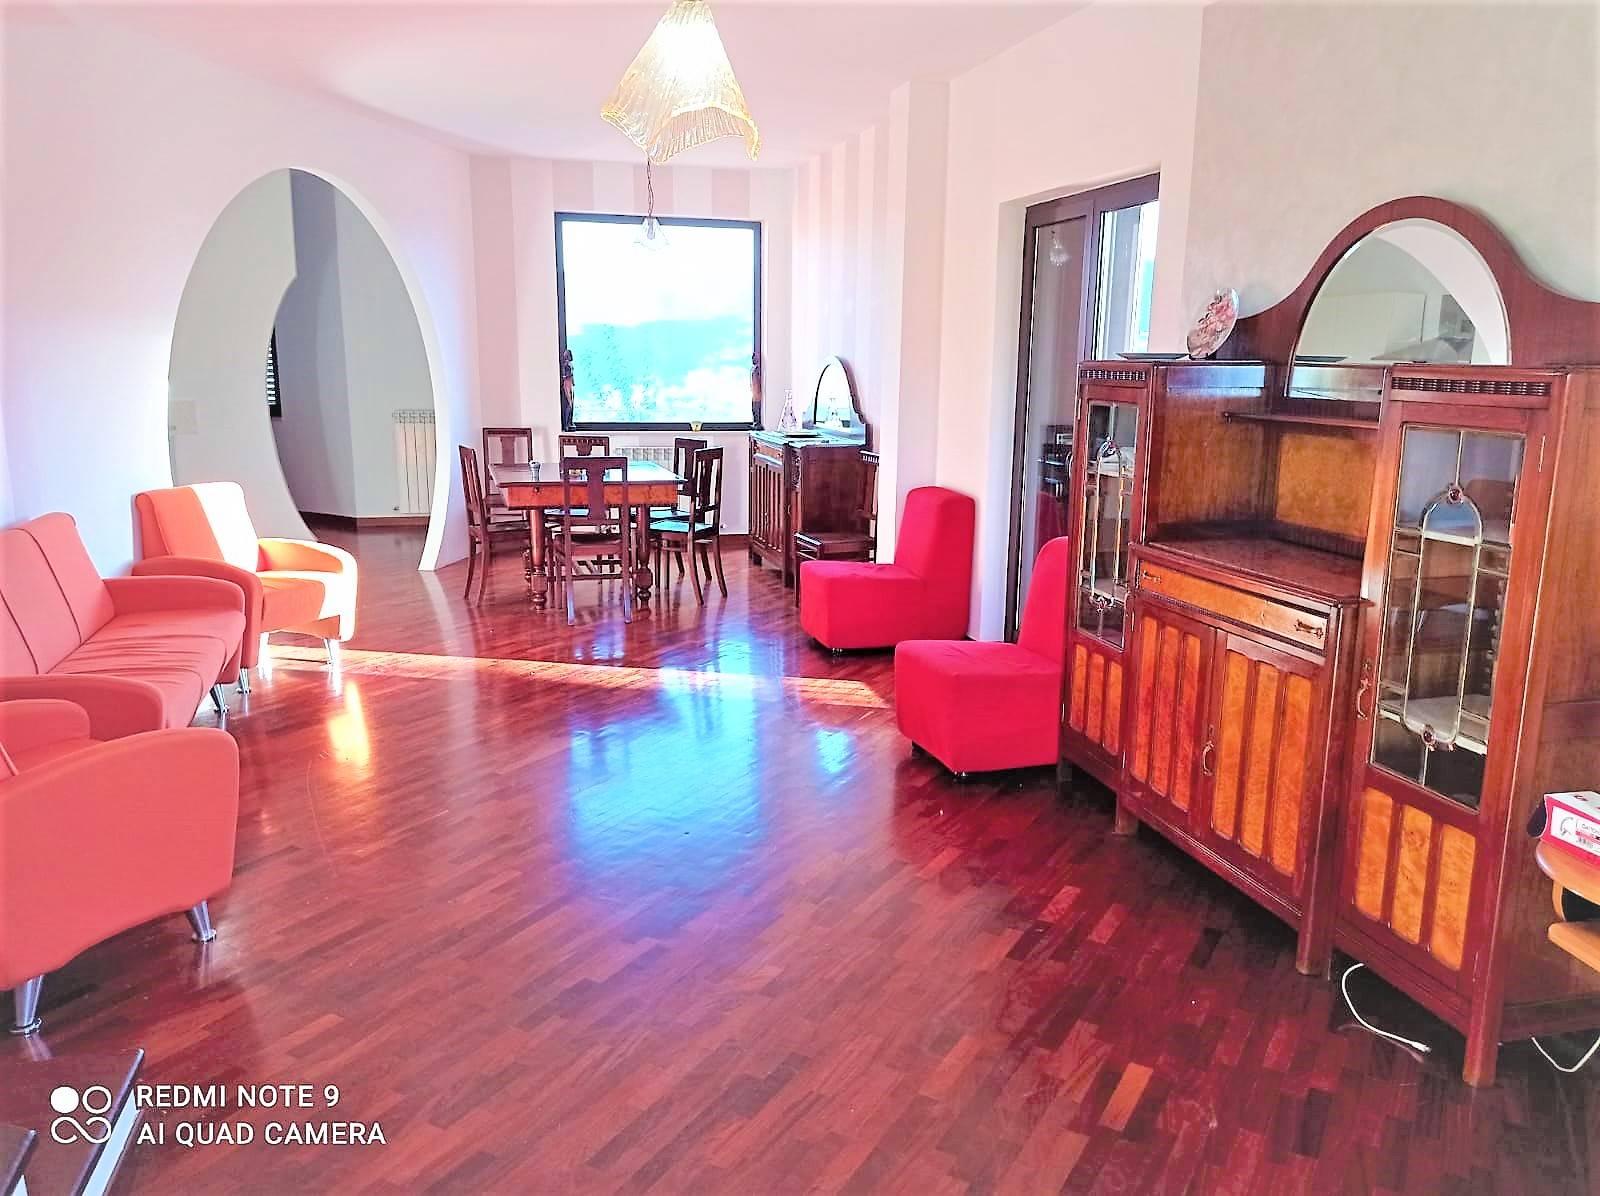 ROSARIO, MENDICINO, Villa bifamiliare in affitto di 120 Mq, Nuova costruzione, Riscaldamento Autonomo, composto da: 4 Vani, Angolo cottura, Soggiorno